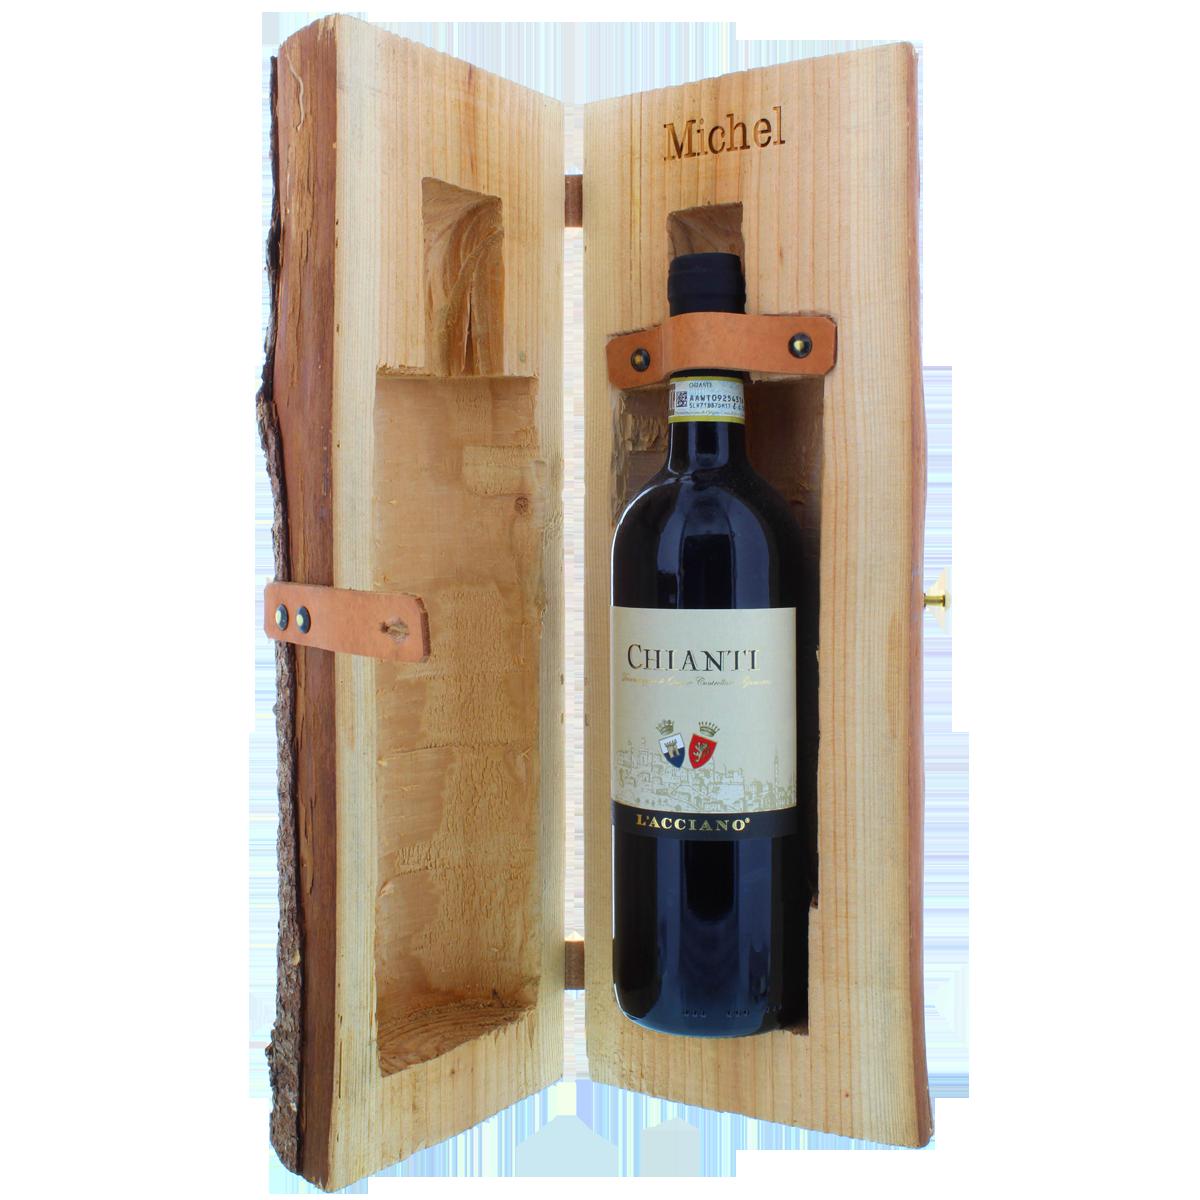 Rondin de bois, tronc d'arbre, coffret de vin, coffret en bois, cadeau, idée-cadeau, vin rouge italien